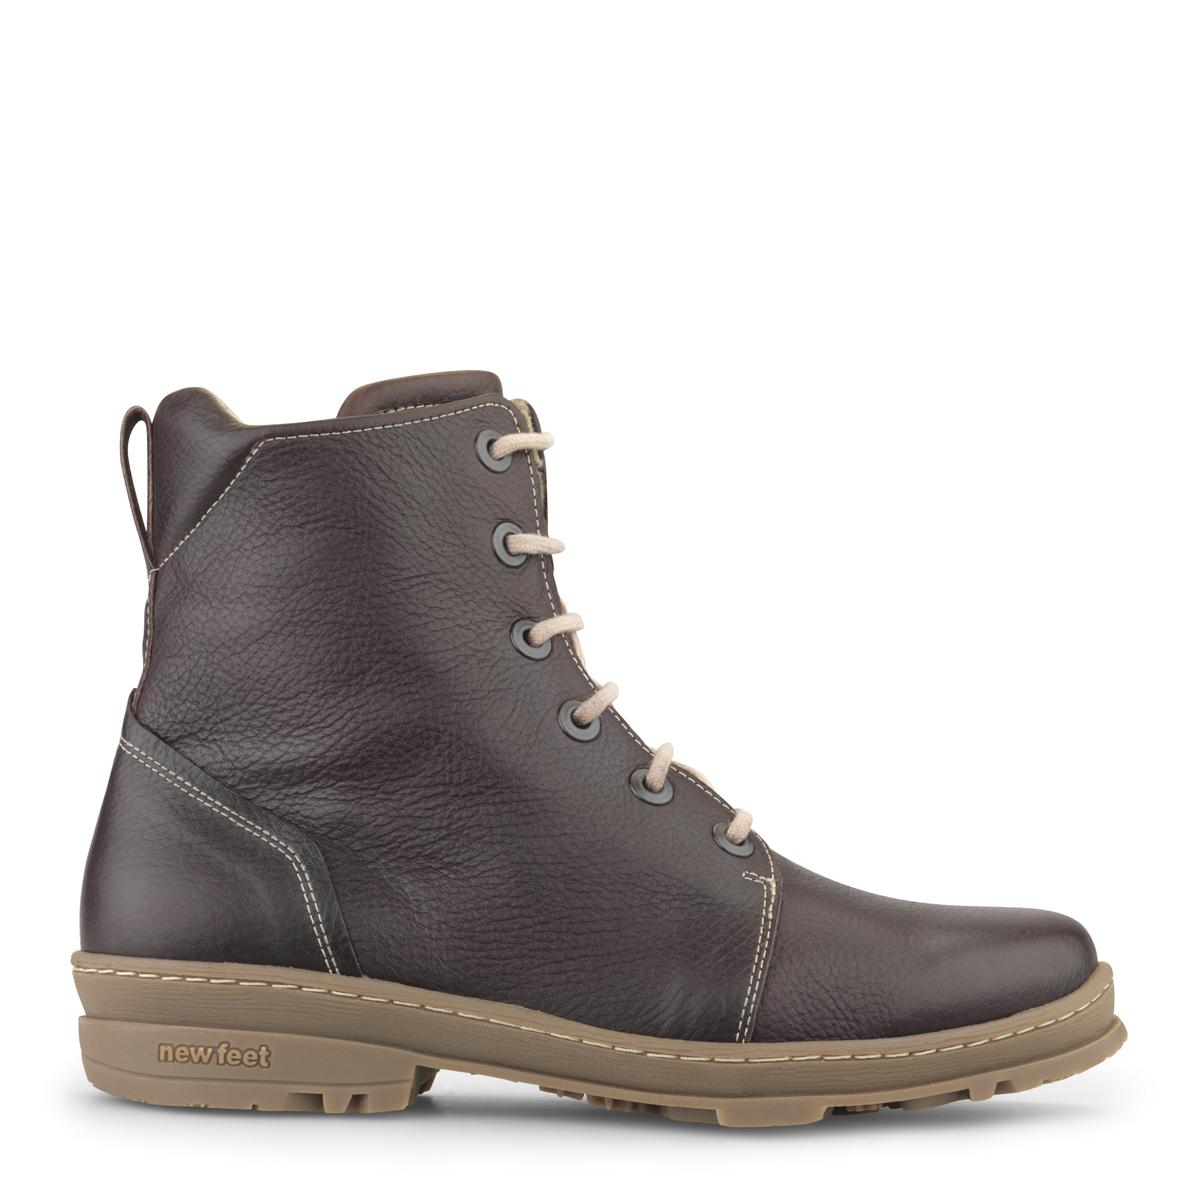 Image of   New Feet dame snørestøvle i brun skind